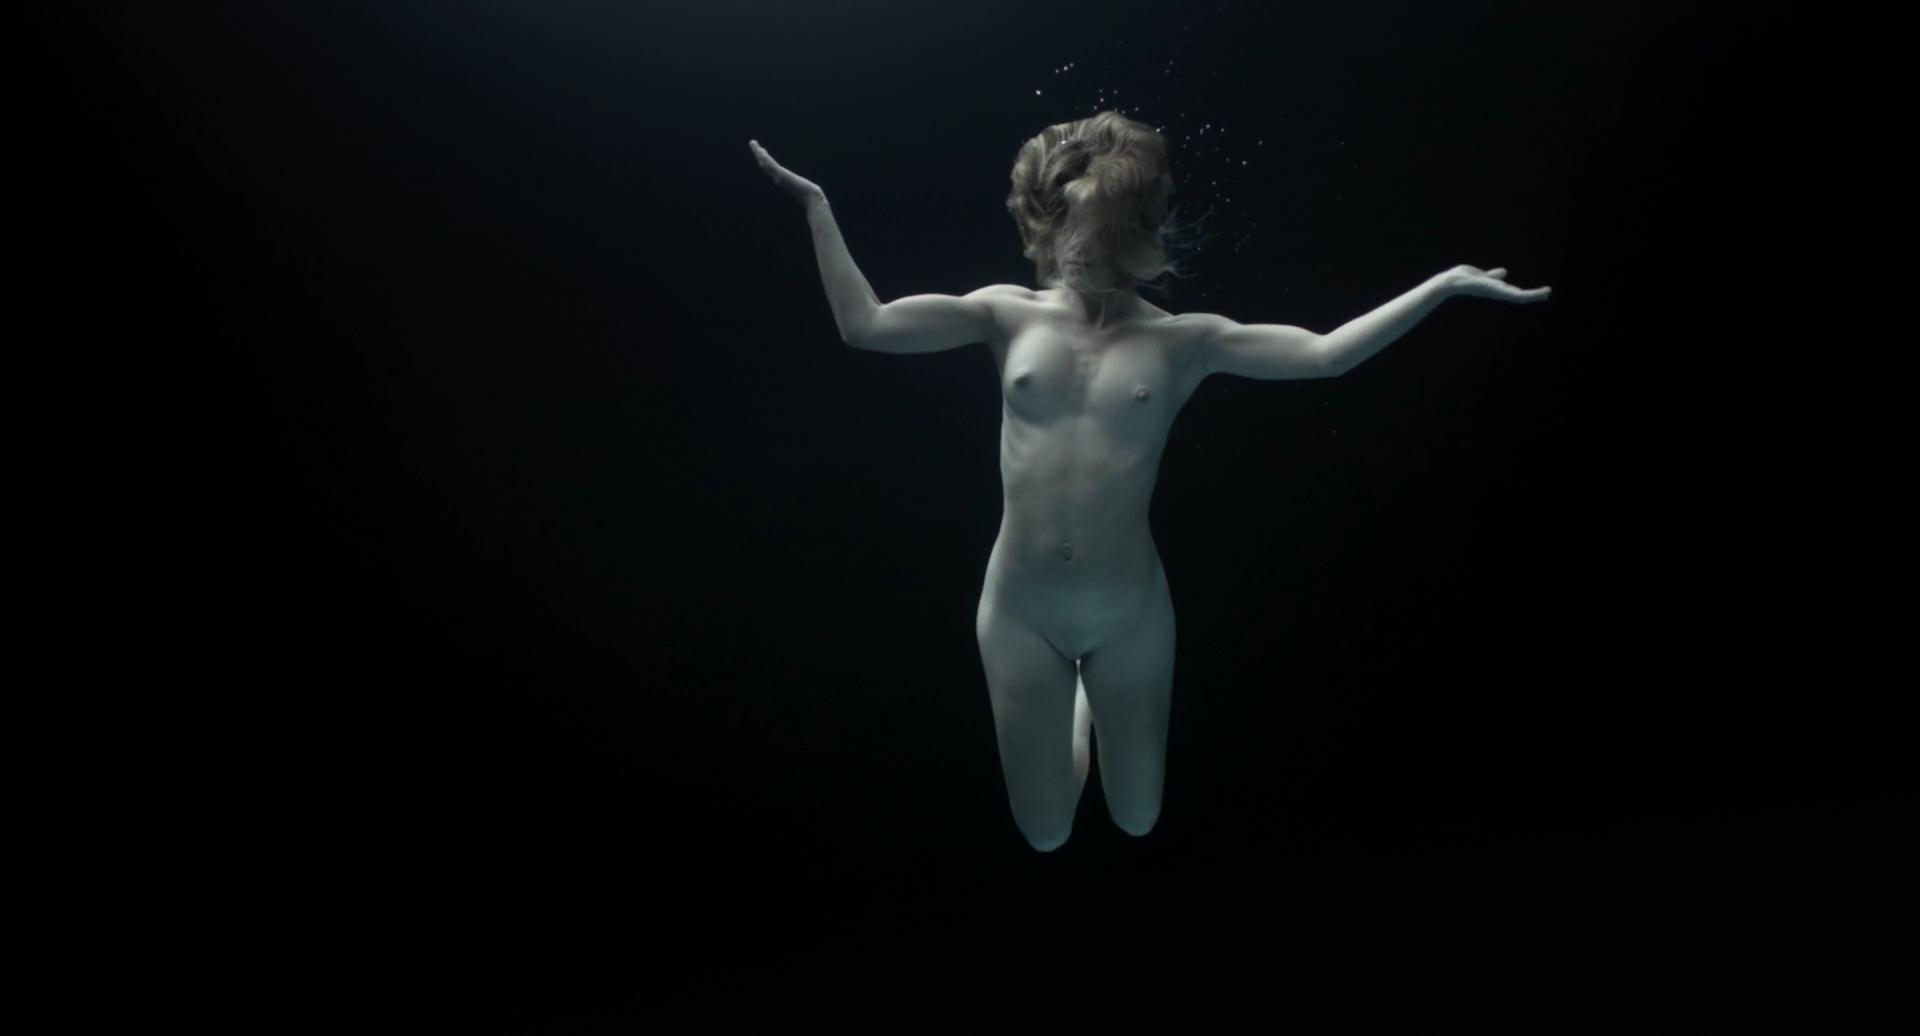 Pressure - Basınç (2015) - film indir - türkçe dublaj film indir